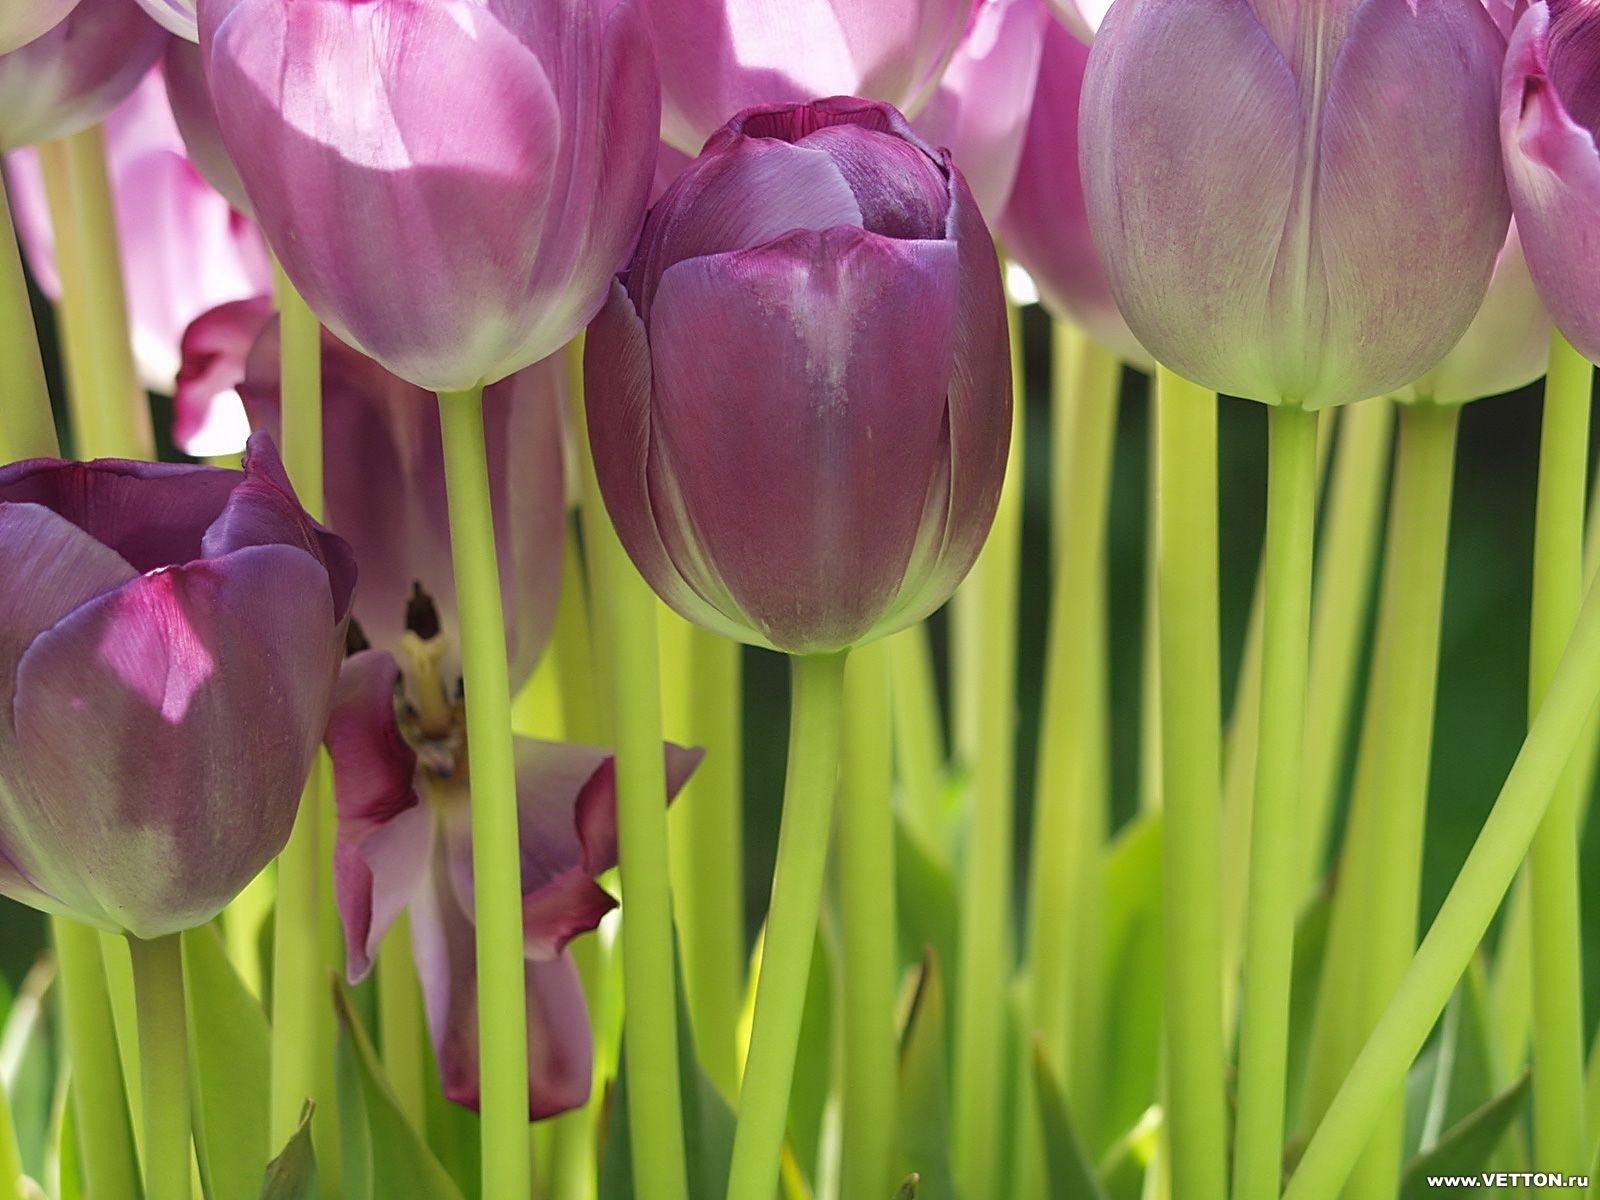 4047 скачать обои Растения, Цветы, Фон, Тюльпаны - заставки и картинки бесплатно